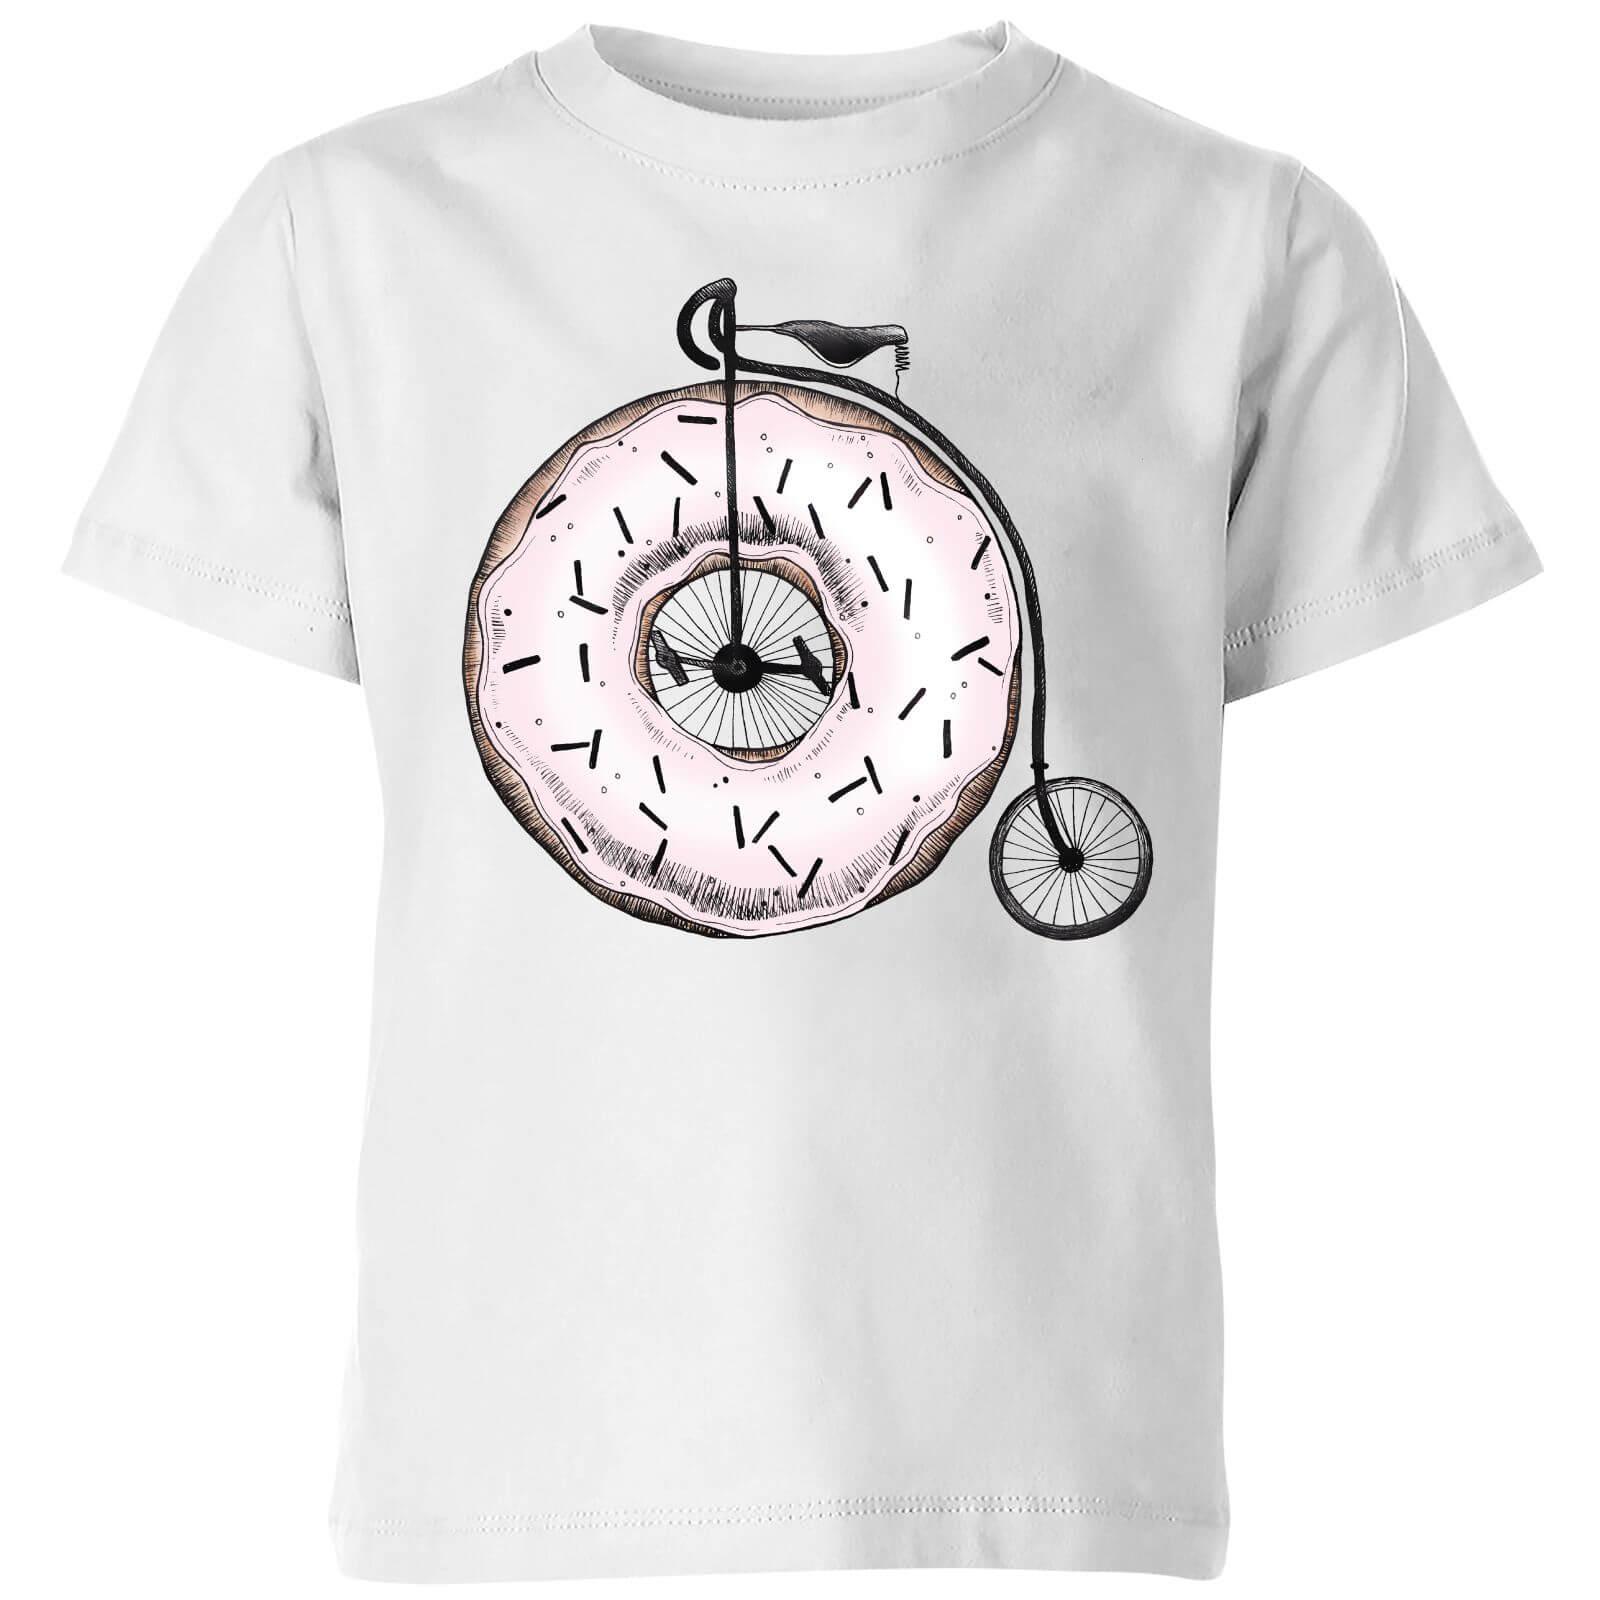 Barlena Donut Ride My Bicycle Kids T-Shirt - White - 11-12 Years - White